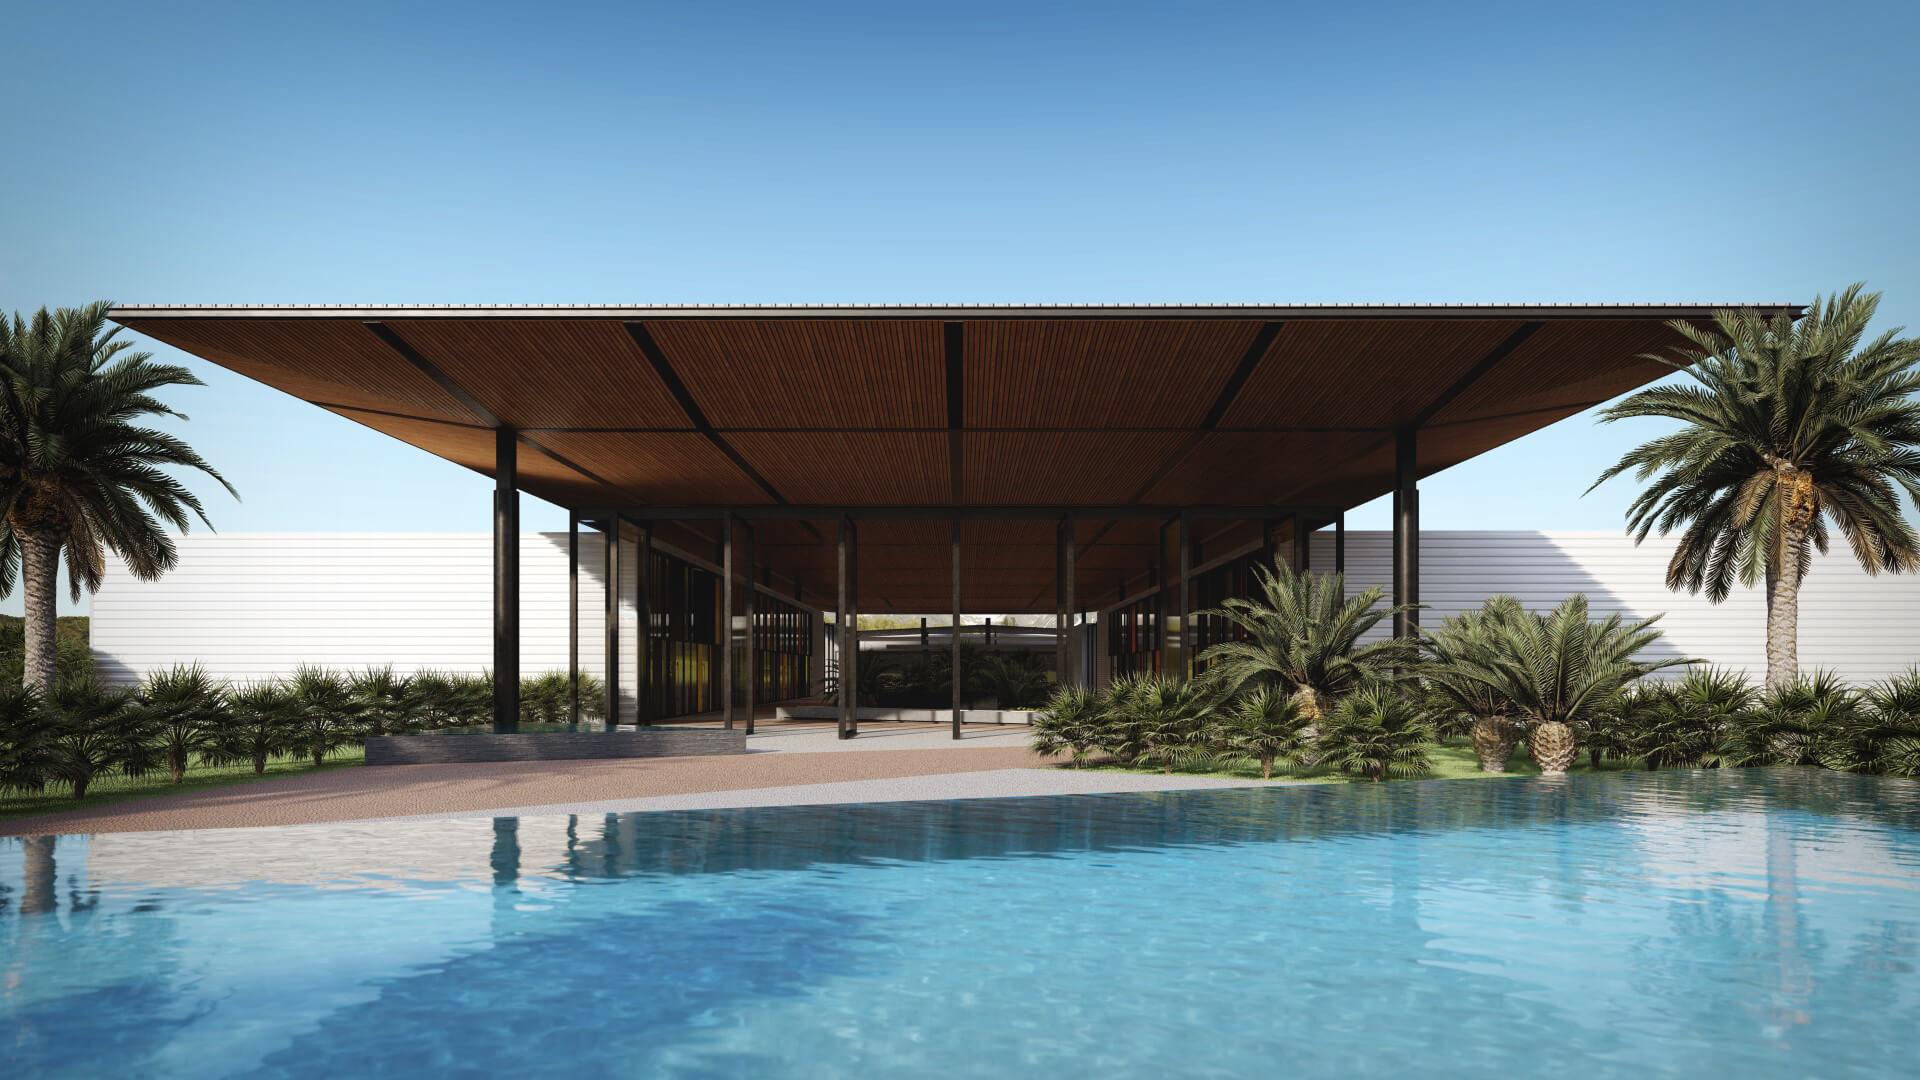 Projeto que expressa a visão de um arquiteto